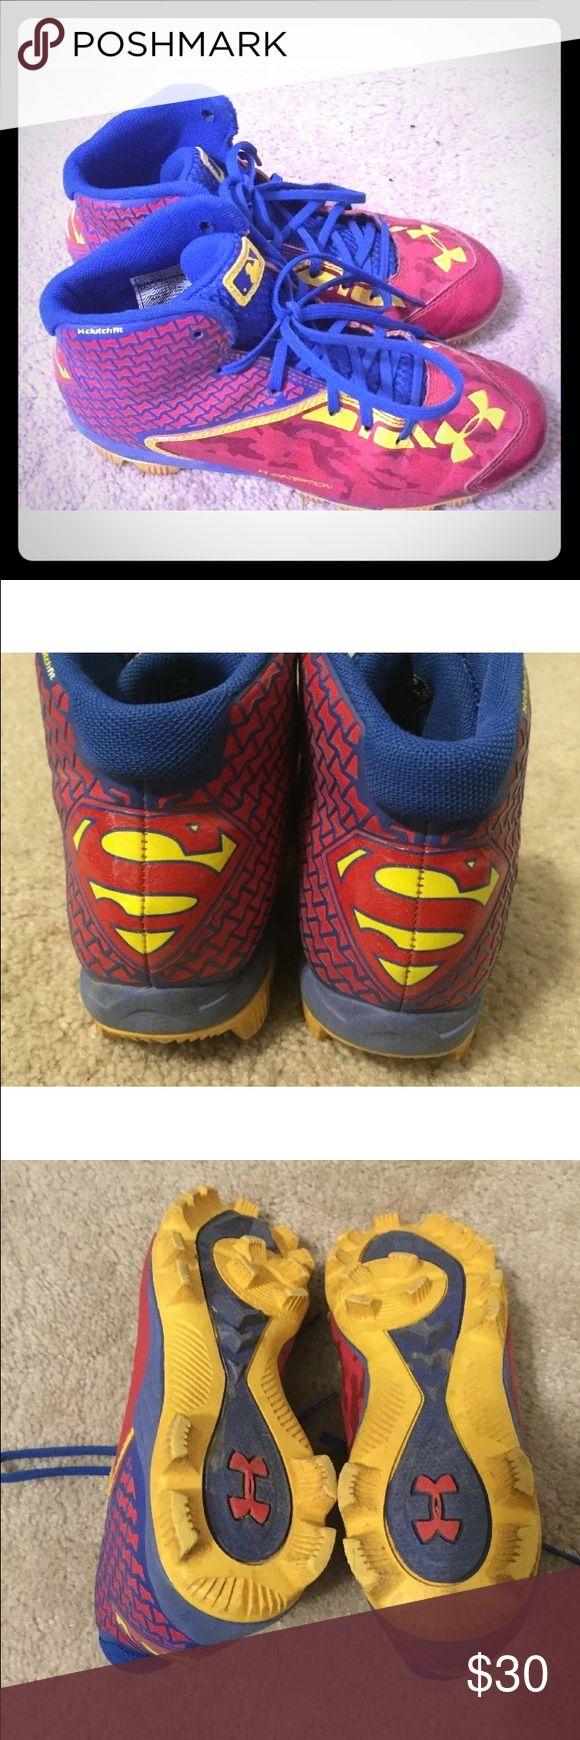 Under Armour ClutchFIT SUPERMAN Cleats sz 4.5 Boy Under Armour ClutchFIT Alter Ego SUPERMAN Baseball Cleats sz 4.5 Boys Cleats Great lightly worn cleats! Under Armour Shoes Sneakers